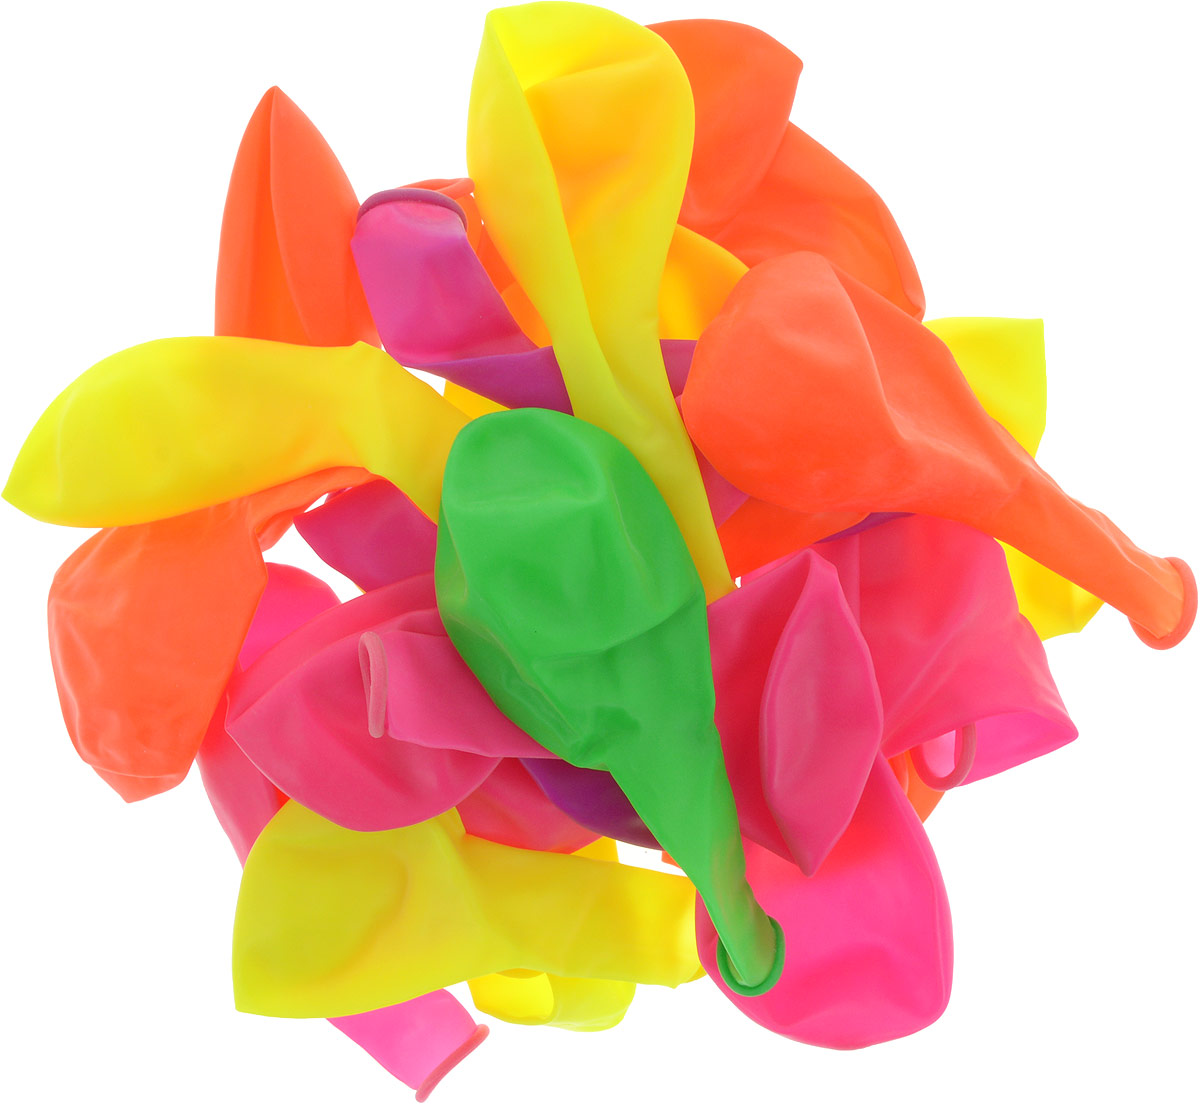 Latex Occidental Набор воздушных шариков Флуоресцентный 25 шт disney набор воздушных шаров пастель феи 25 шт 1306917